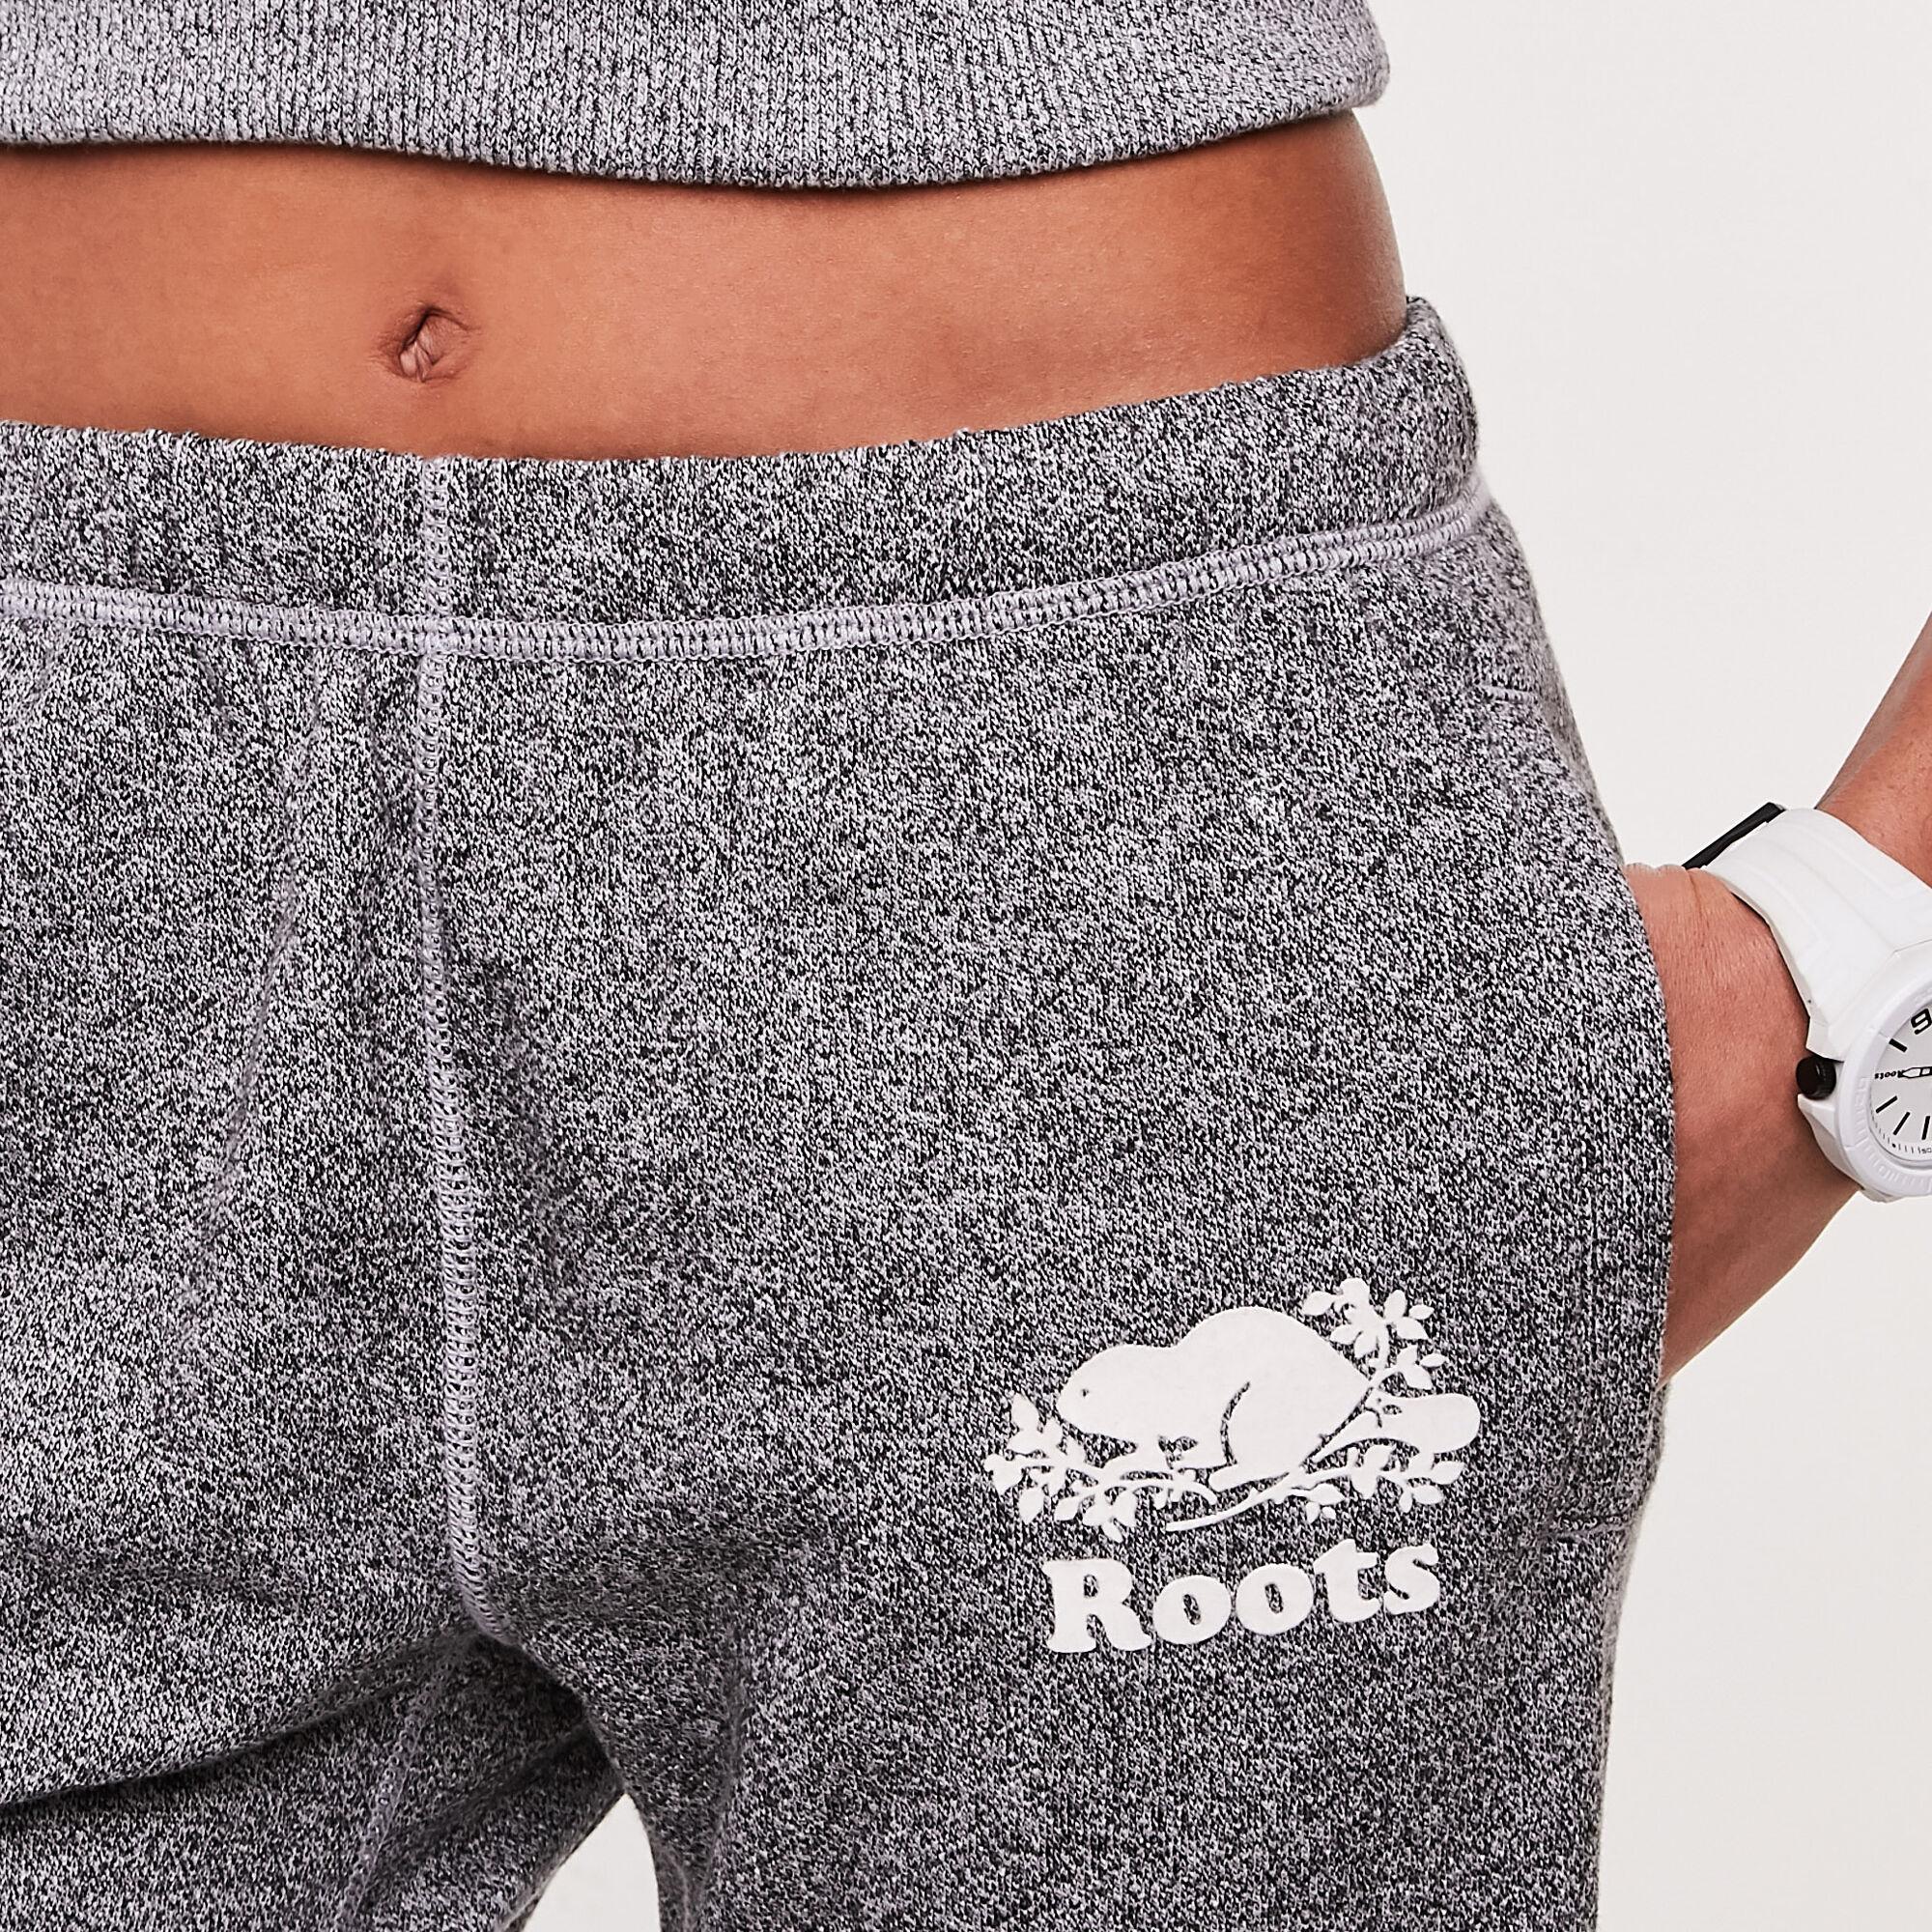 Roots Salt and Pepper Original Sweatpant Short